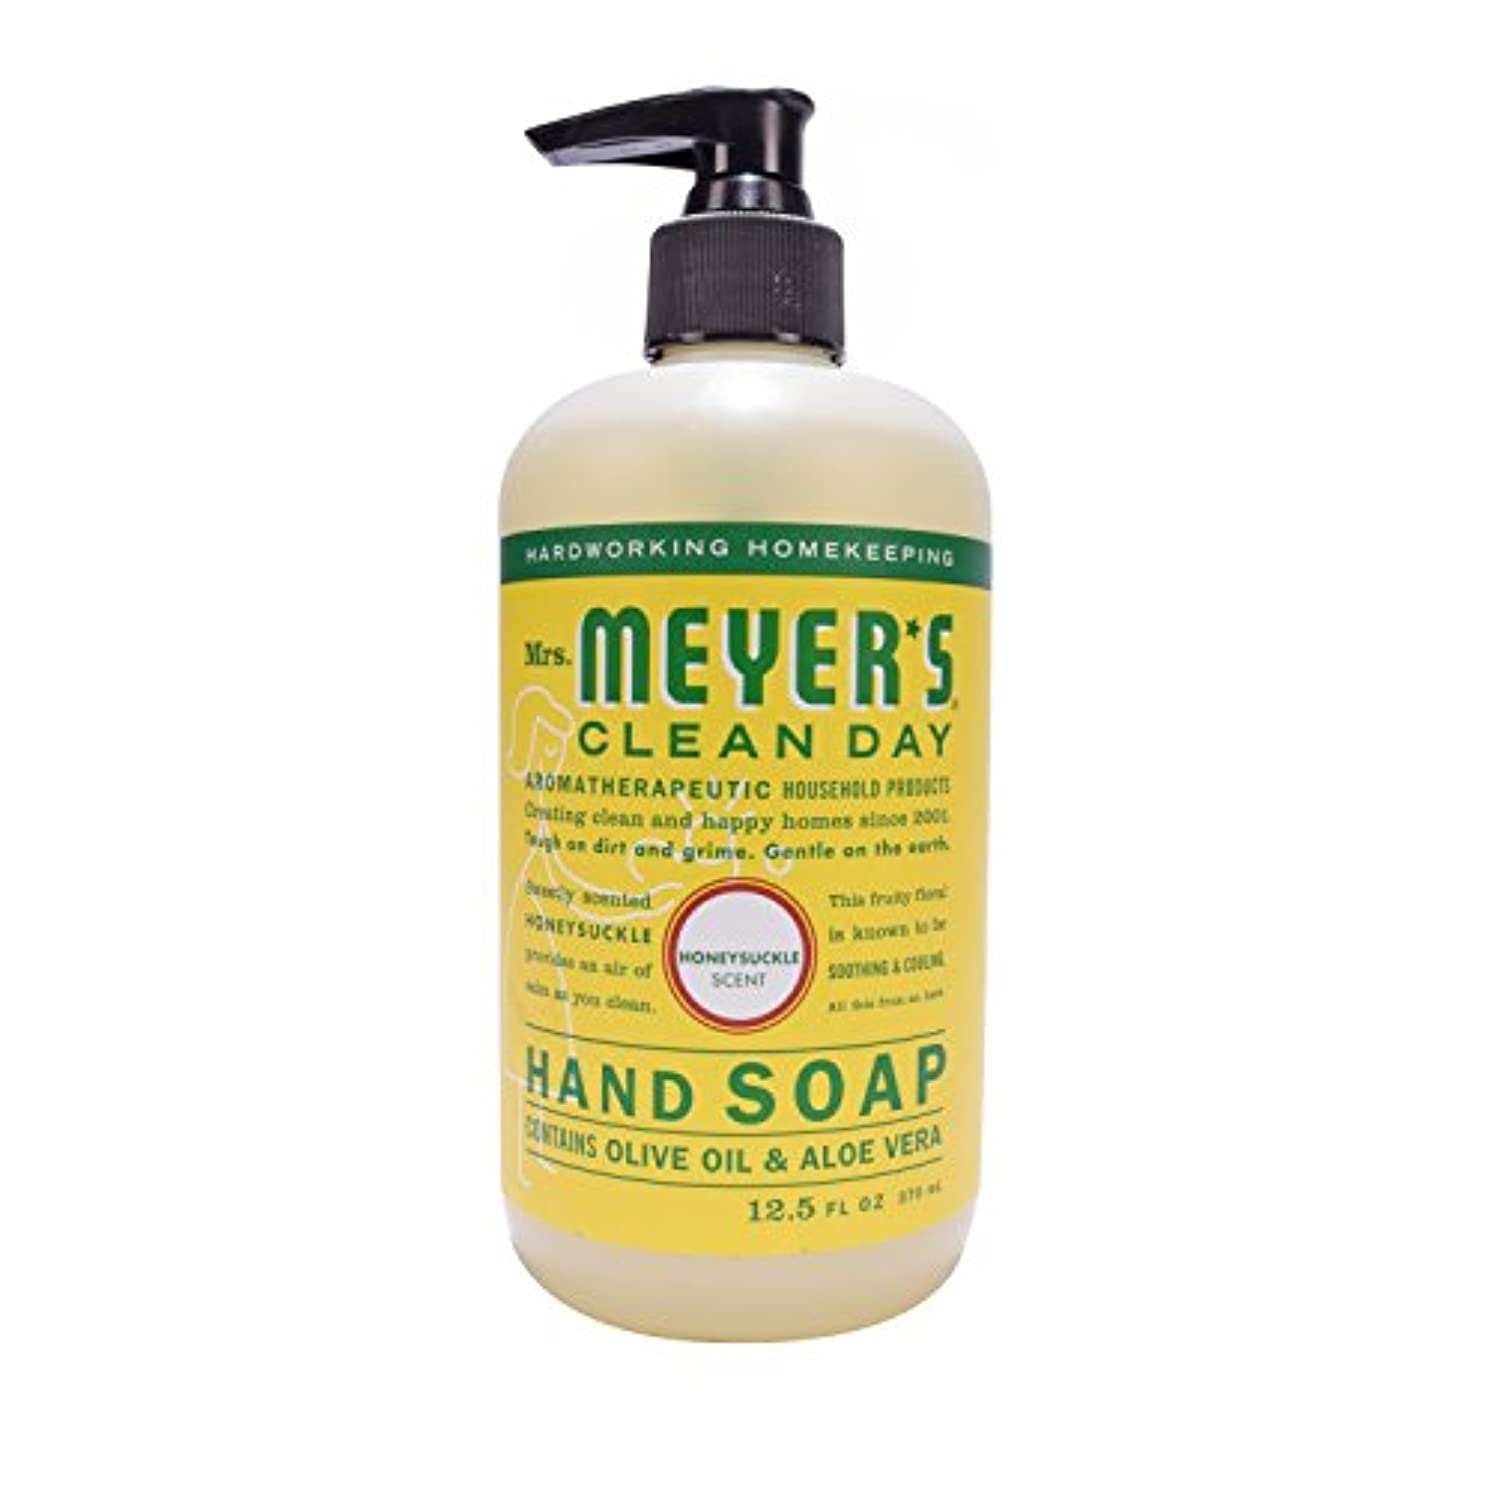 パイプ愛撫クレタMrs. Meyer's Clean Day Hand Soap Liquid, Honeysuckle, 12.5-Fluid Ounce Bottles by Mrs. Meyer's Clean Day